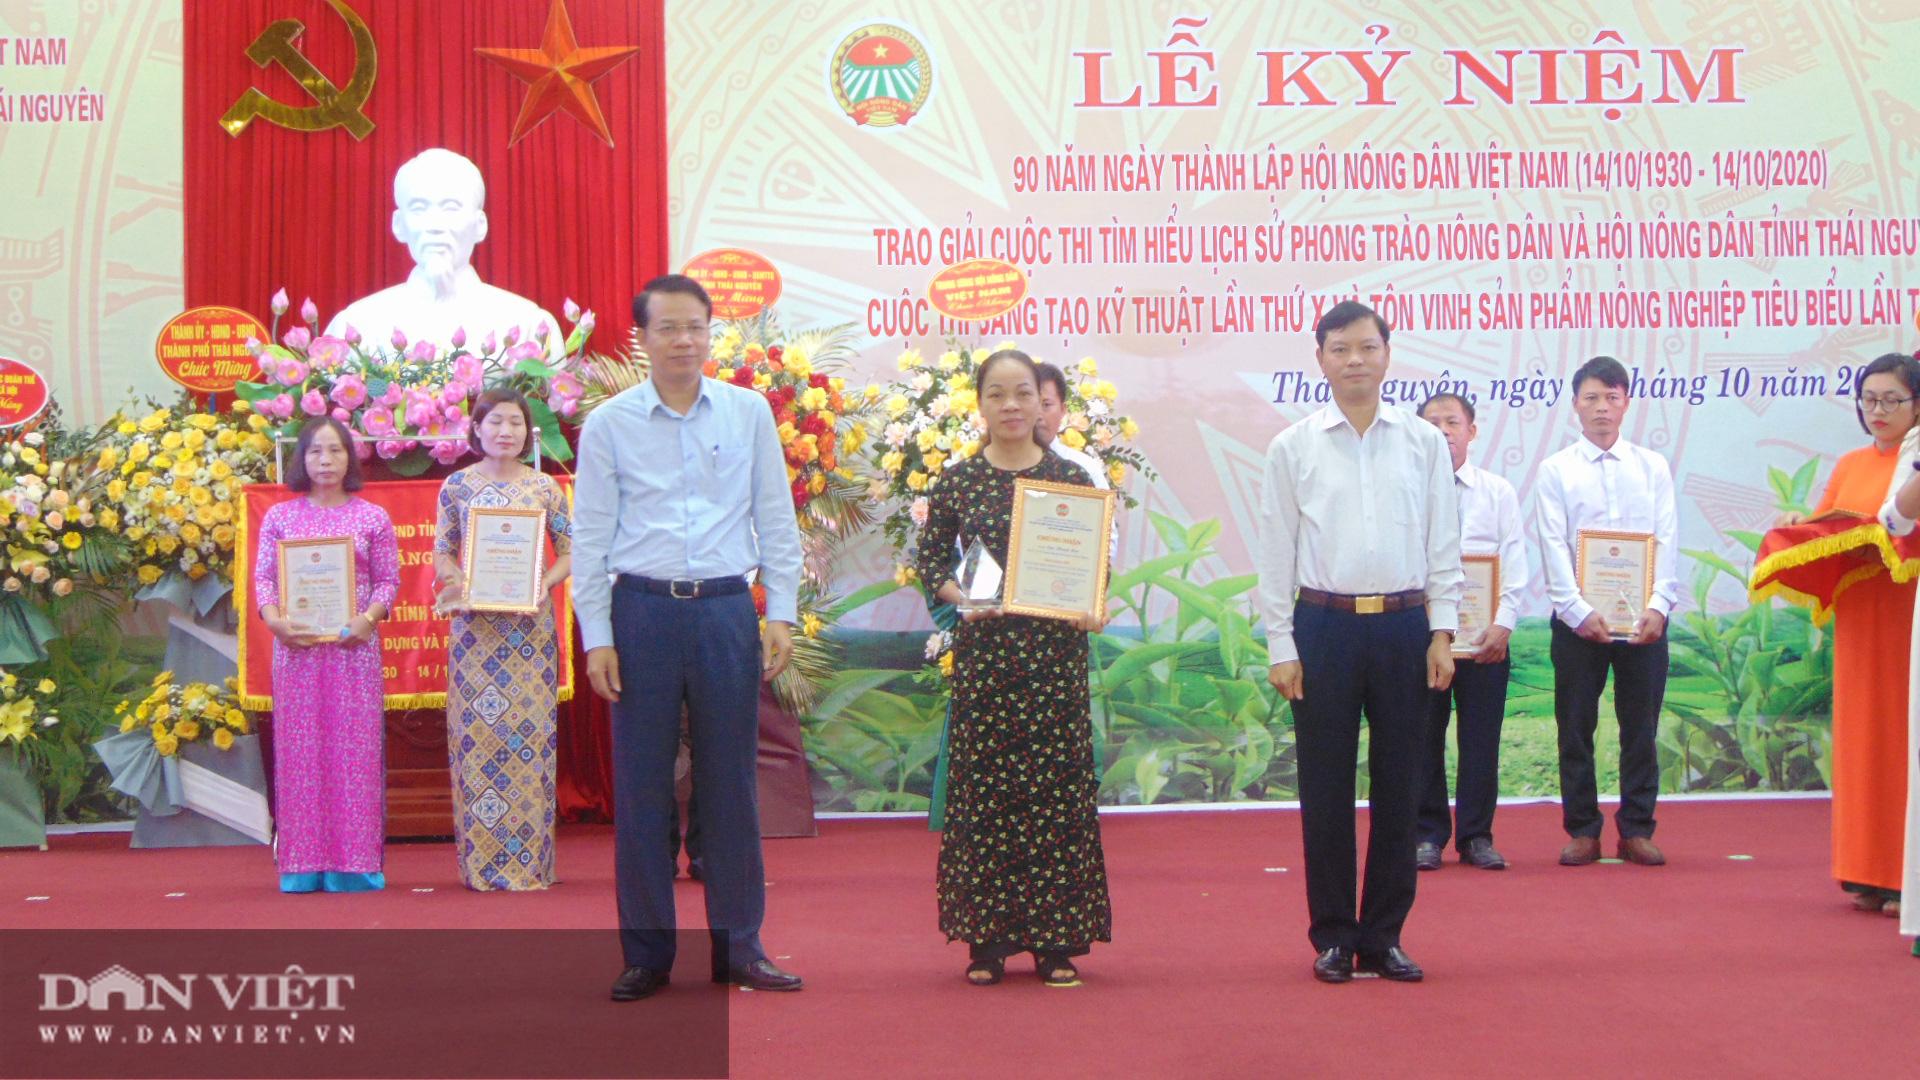 HND tỉnh Thái Nguyên biểu dương nhiều tập thể, cá nhân điển hình tiên tiến và tôn vinh 30 sản phẩm nông nghiệp tiêu biểu - Ảnh 2.